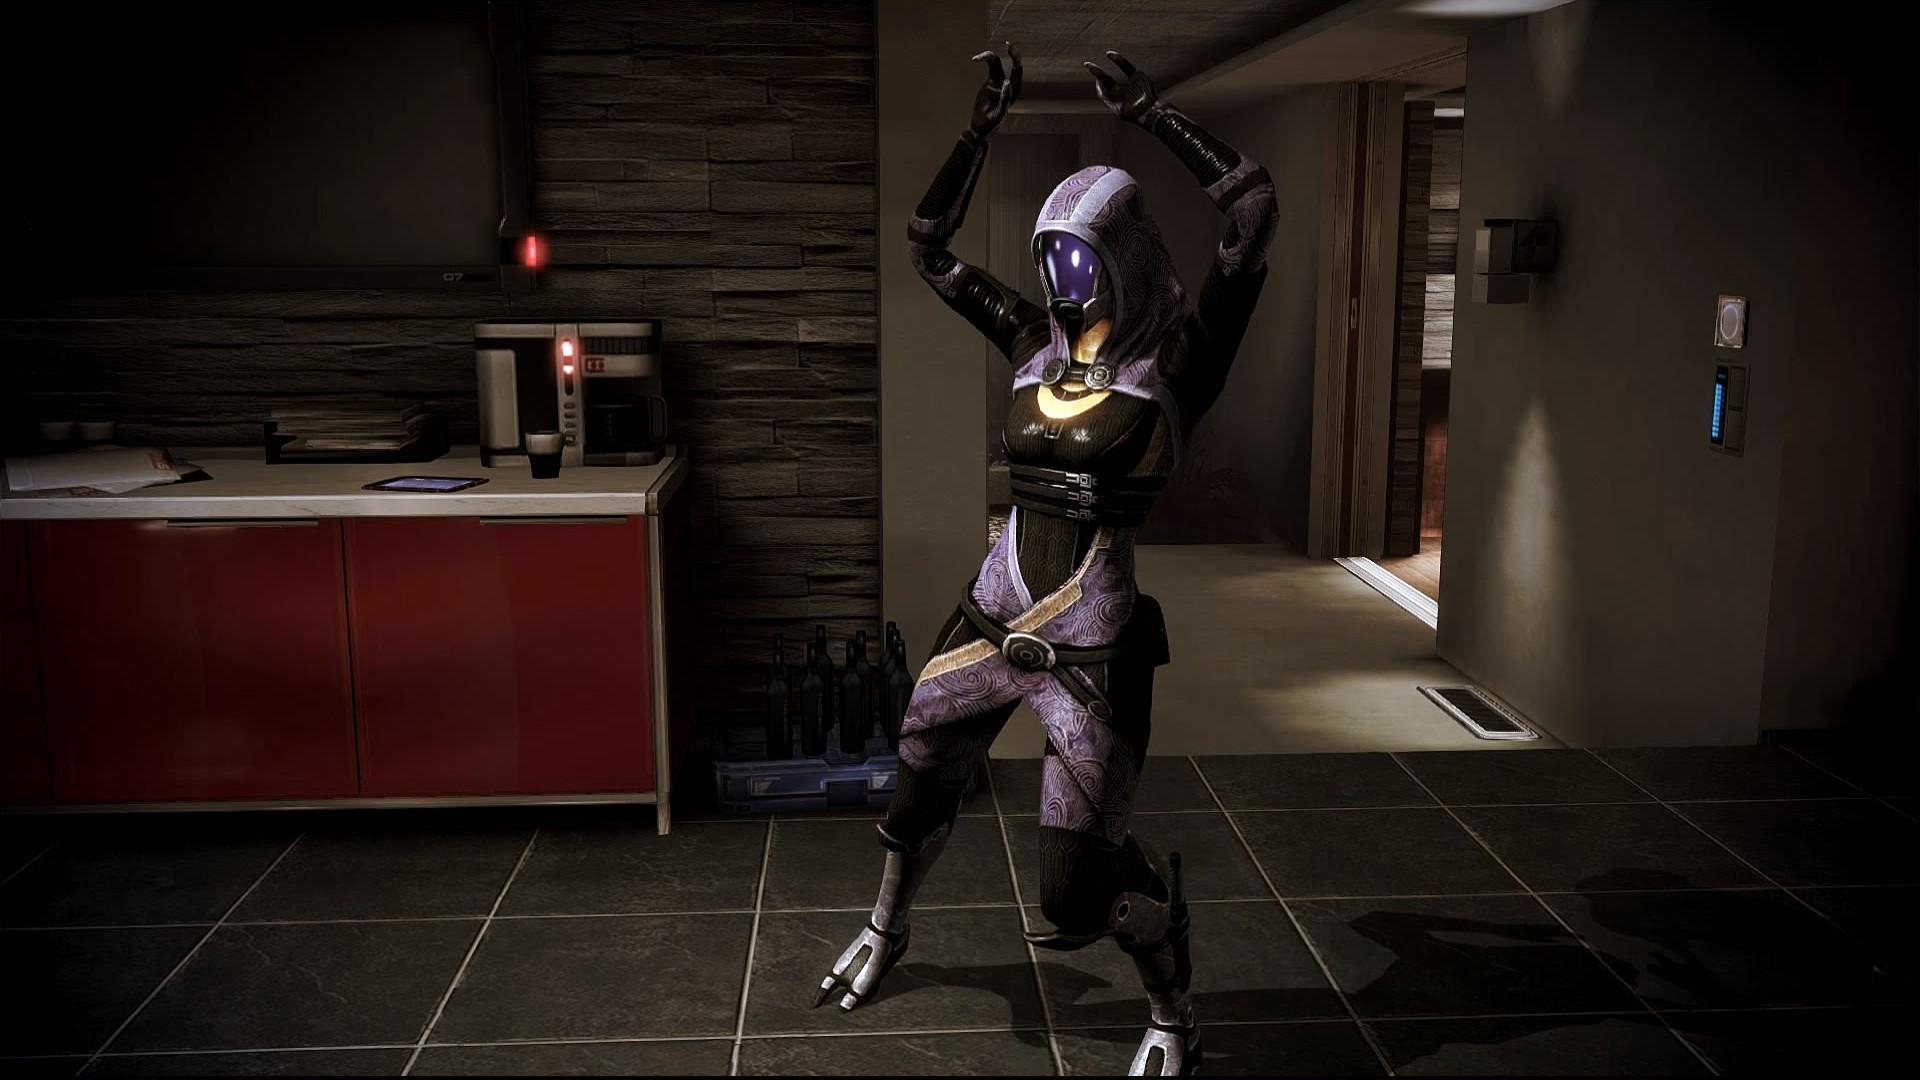 … Mass Effect 3 Tali Dancing Dreamscene by droot1986